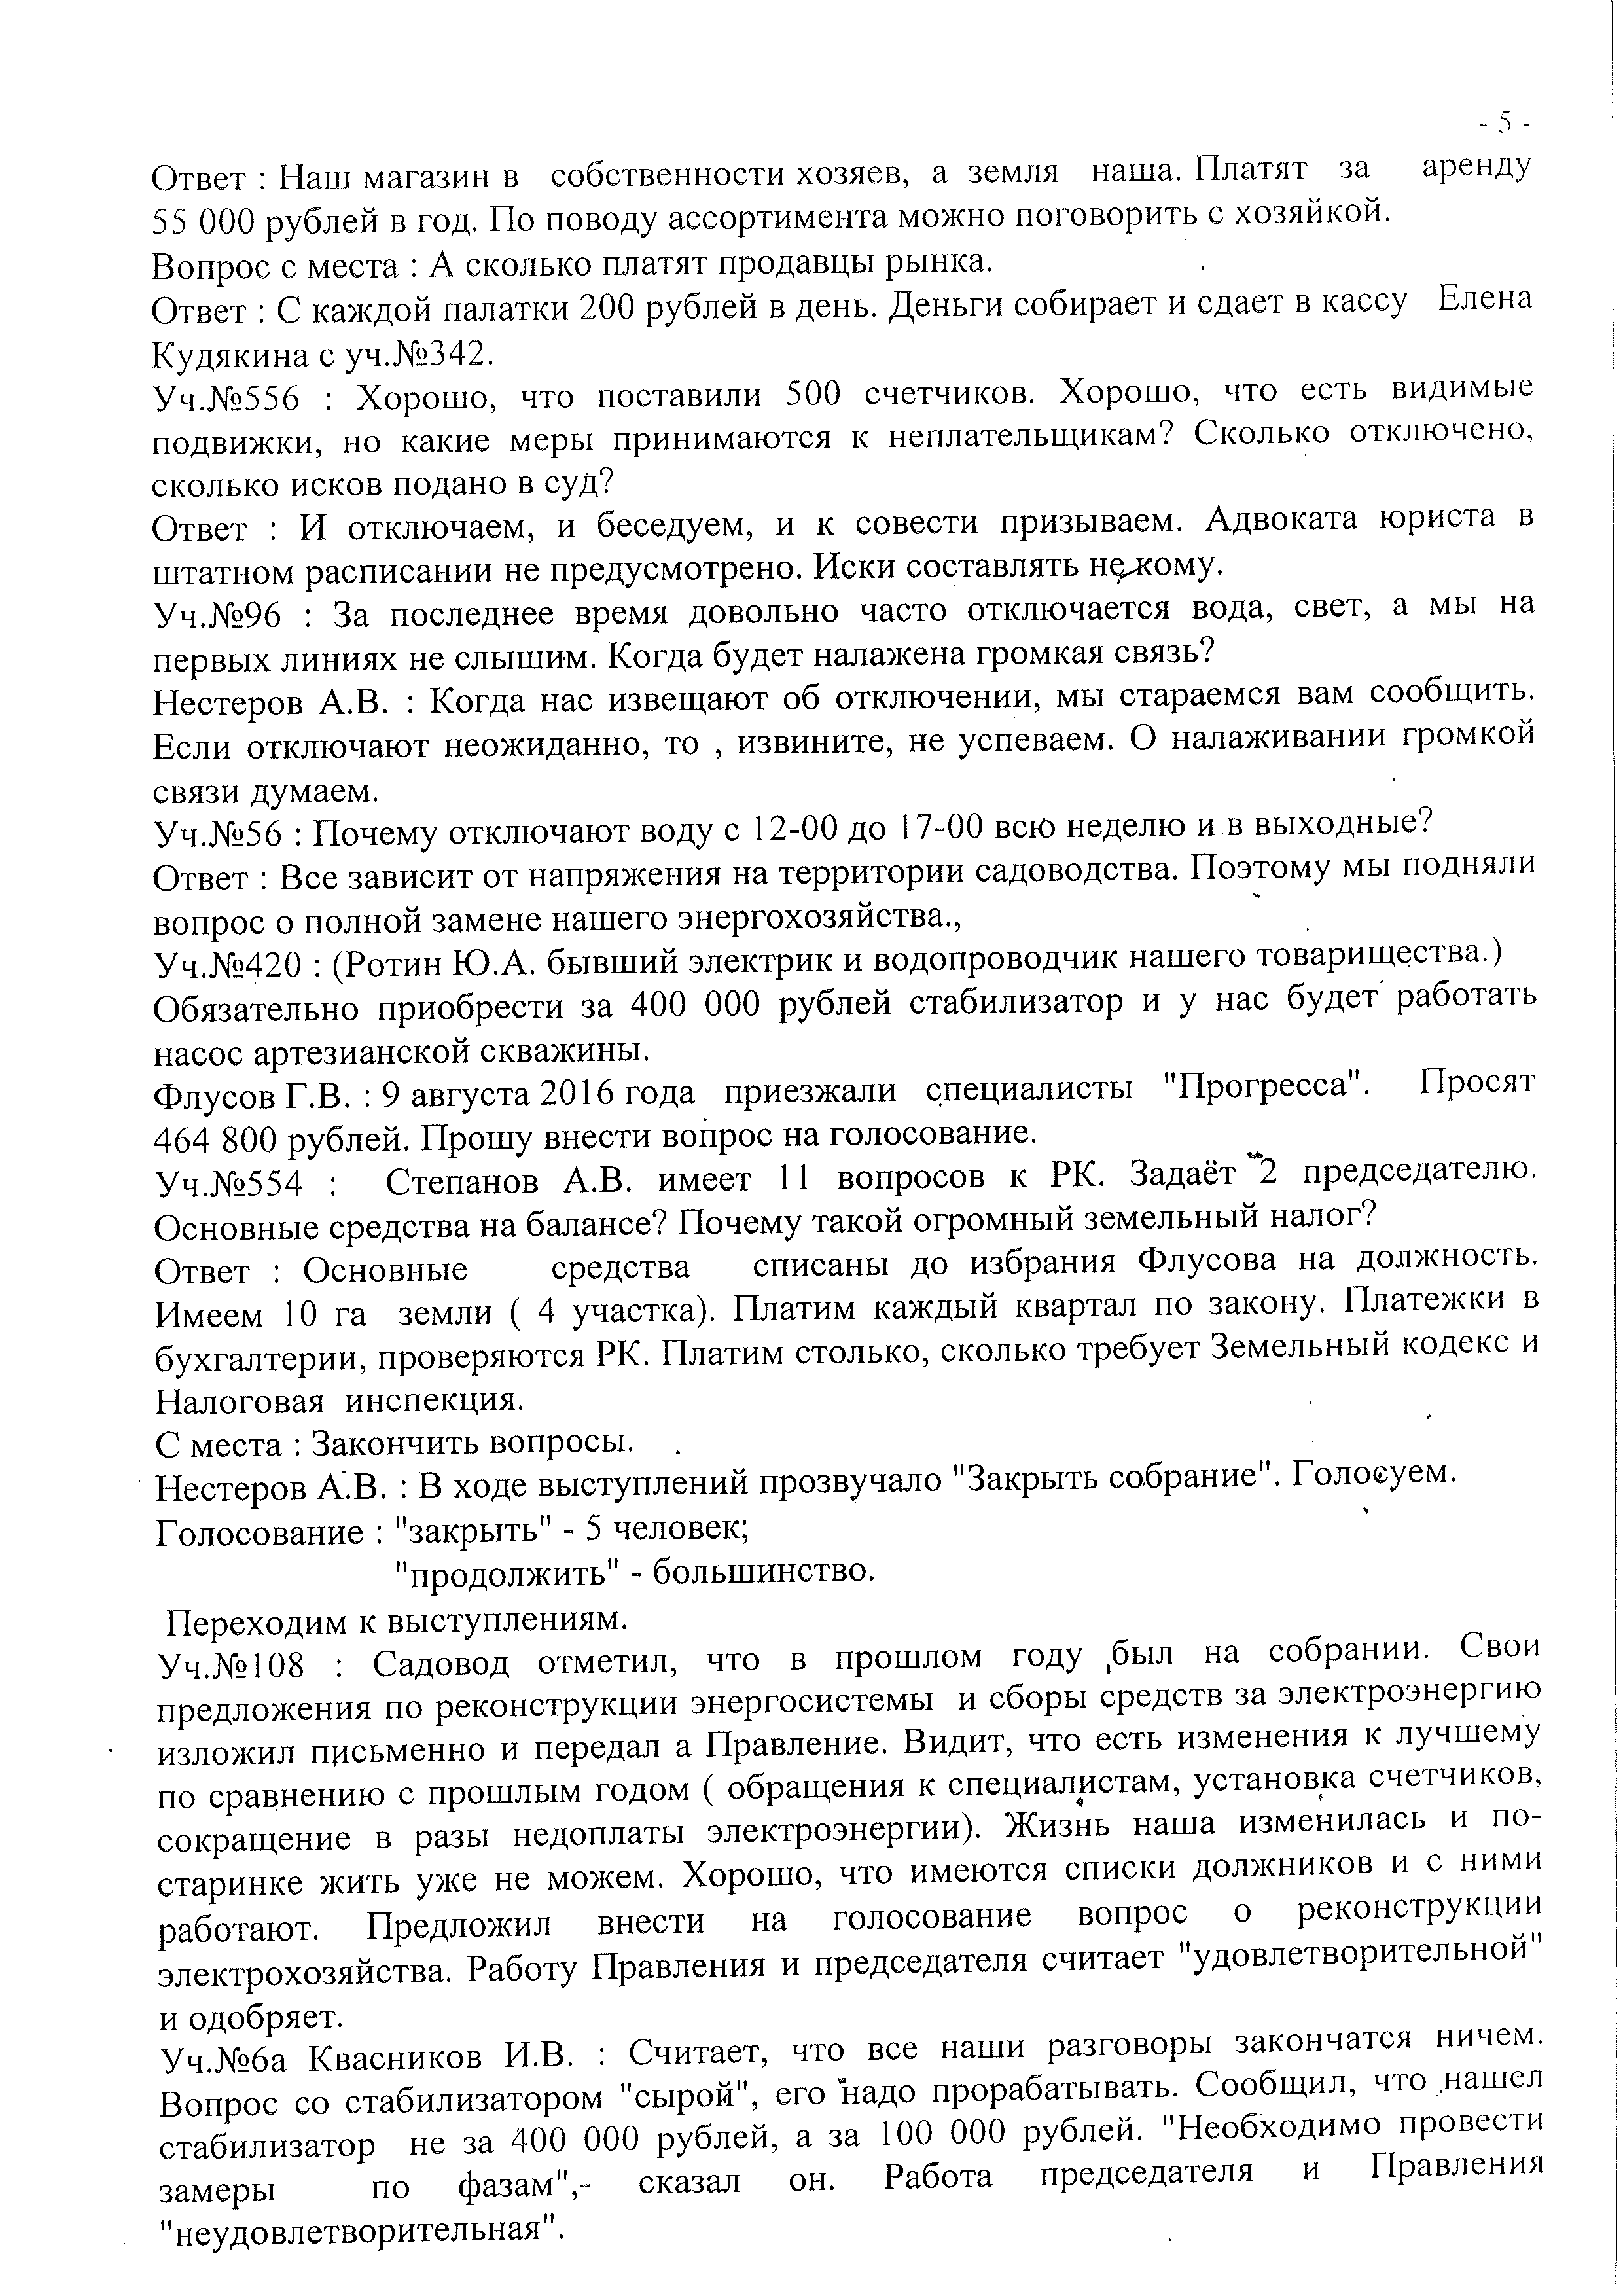 Протокол общего собрания членов СНТ Мичуринец ГУВД Москвы 2016 стр 5